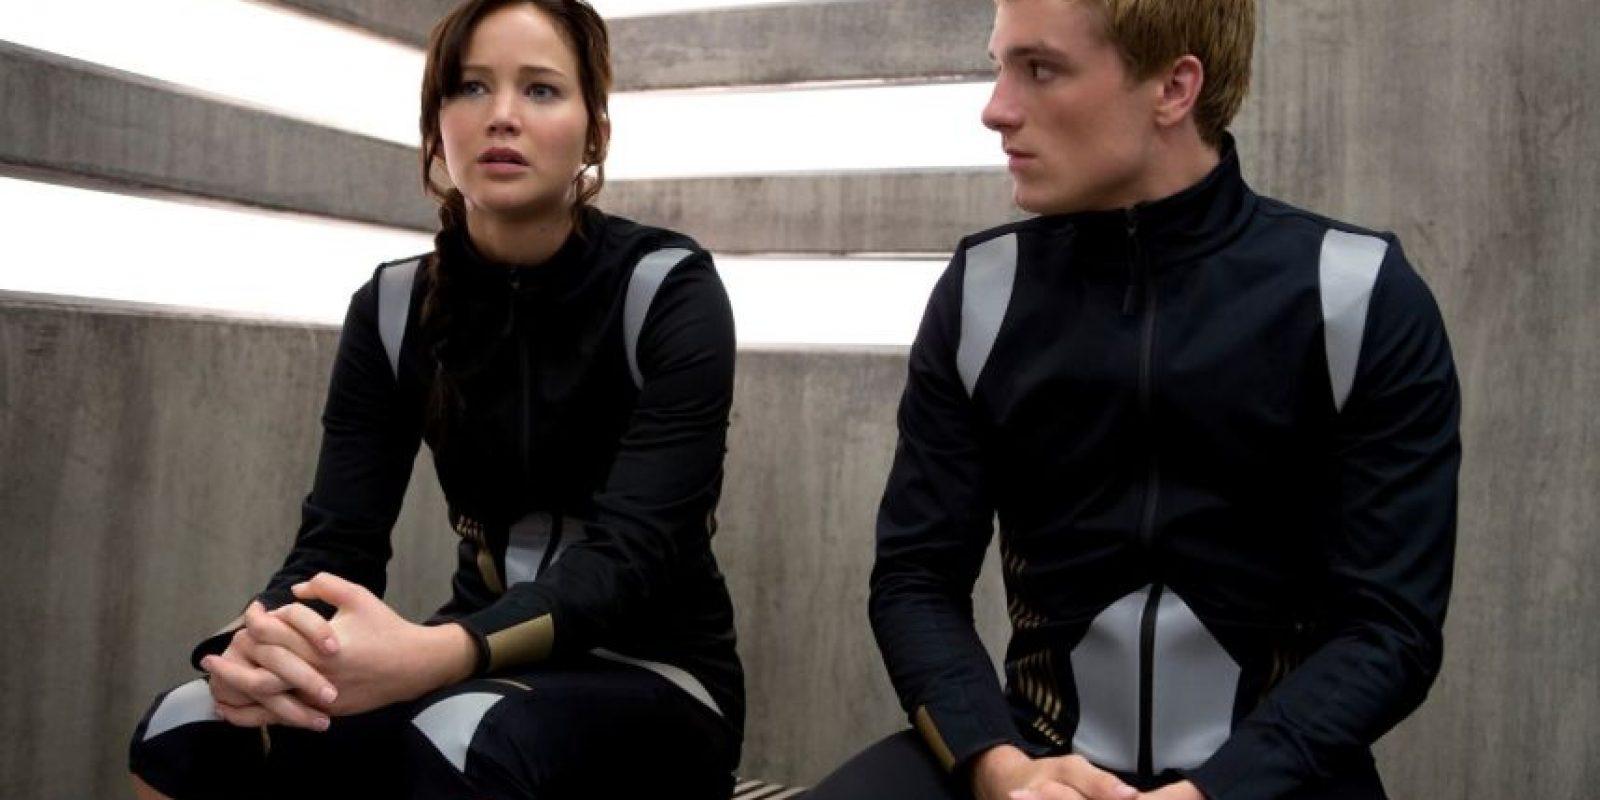 Los fans de la saga podrán ver las escenas eliminadas en el Blu-ray de la película. Foto:Lionsgate